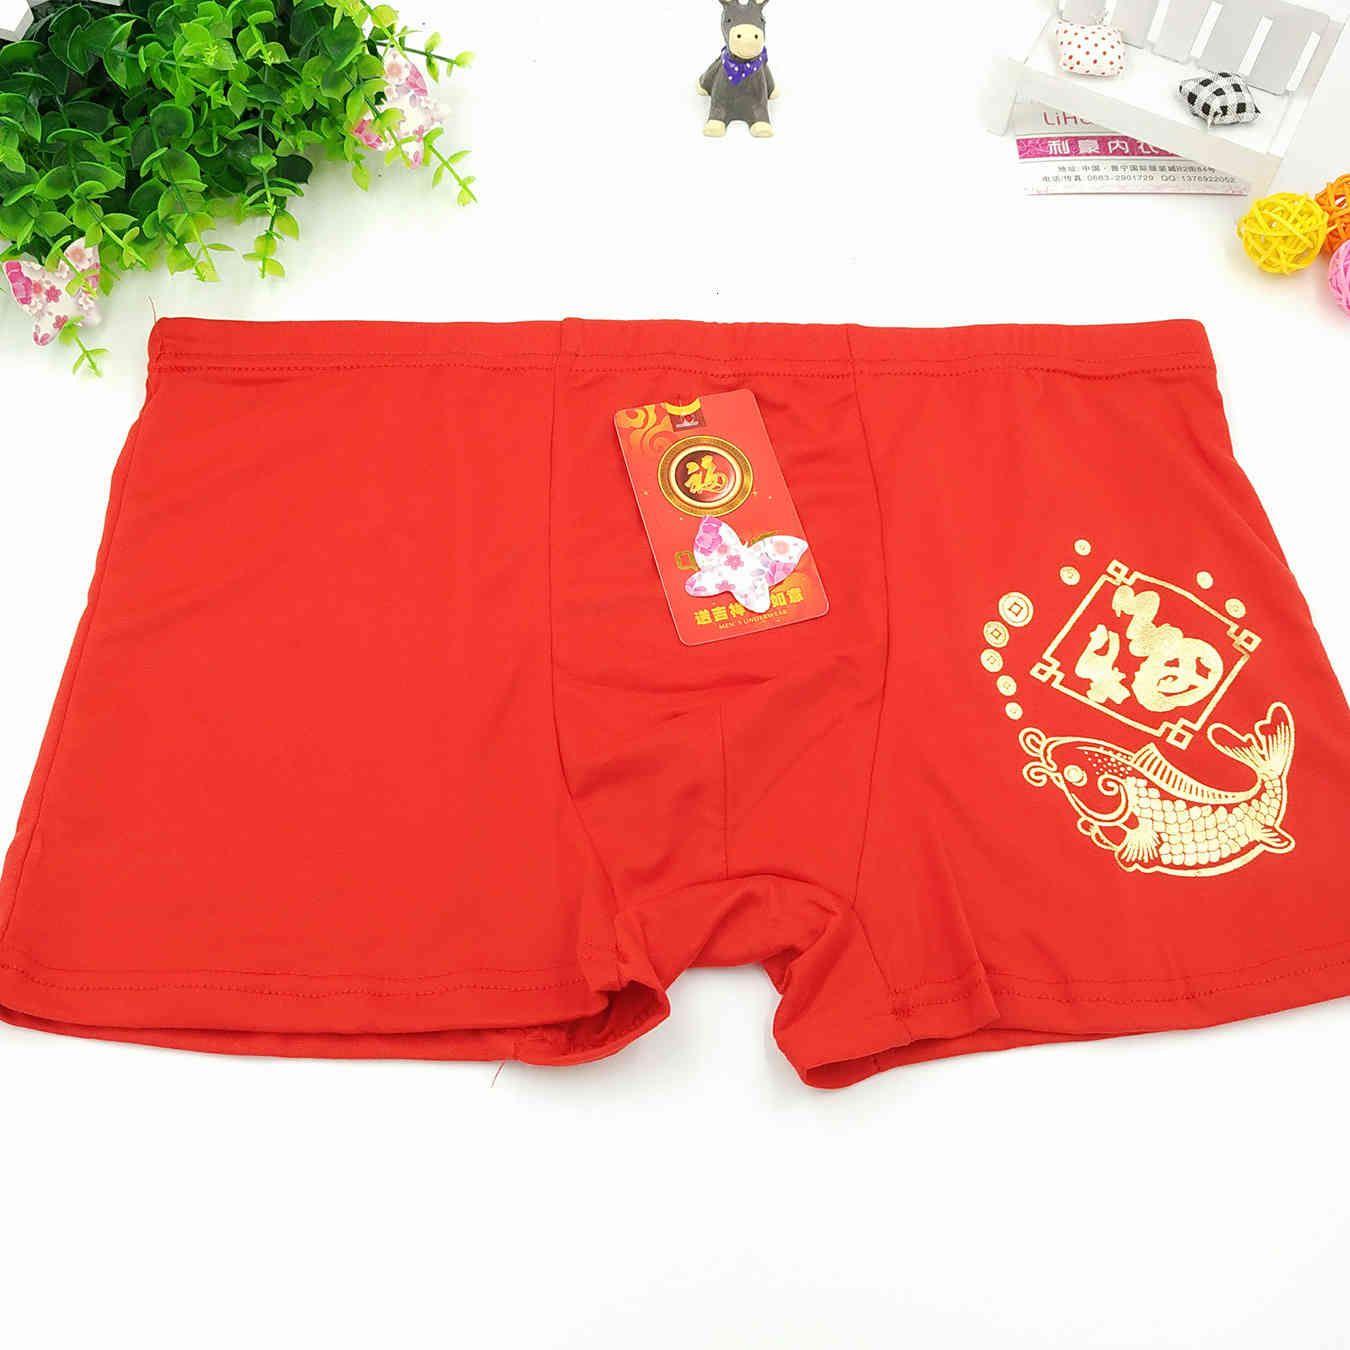 Sous-vêtements masculins Style de sous-vêtements rouge Bénpernian doré Boxer Grild Taille Soie de lait